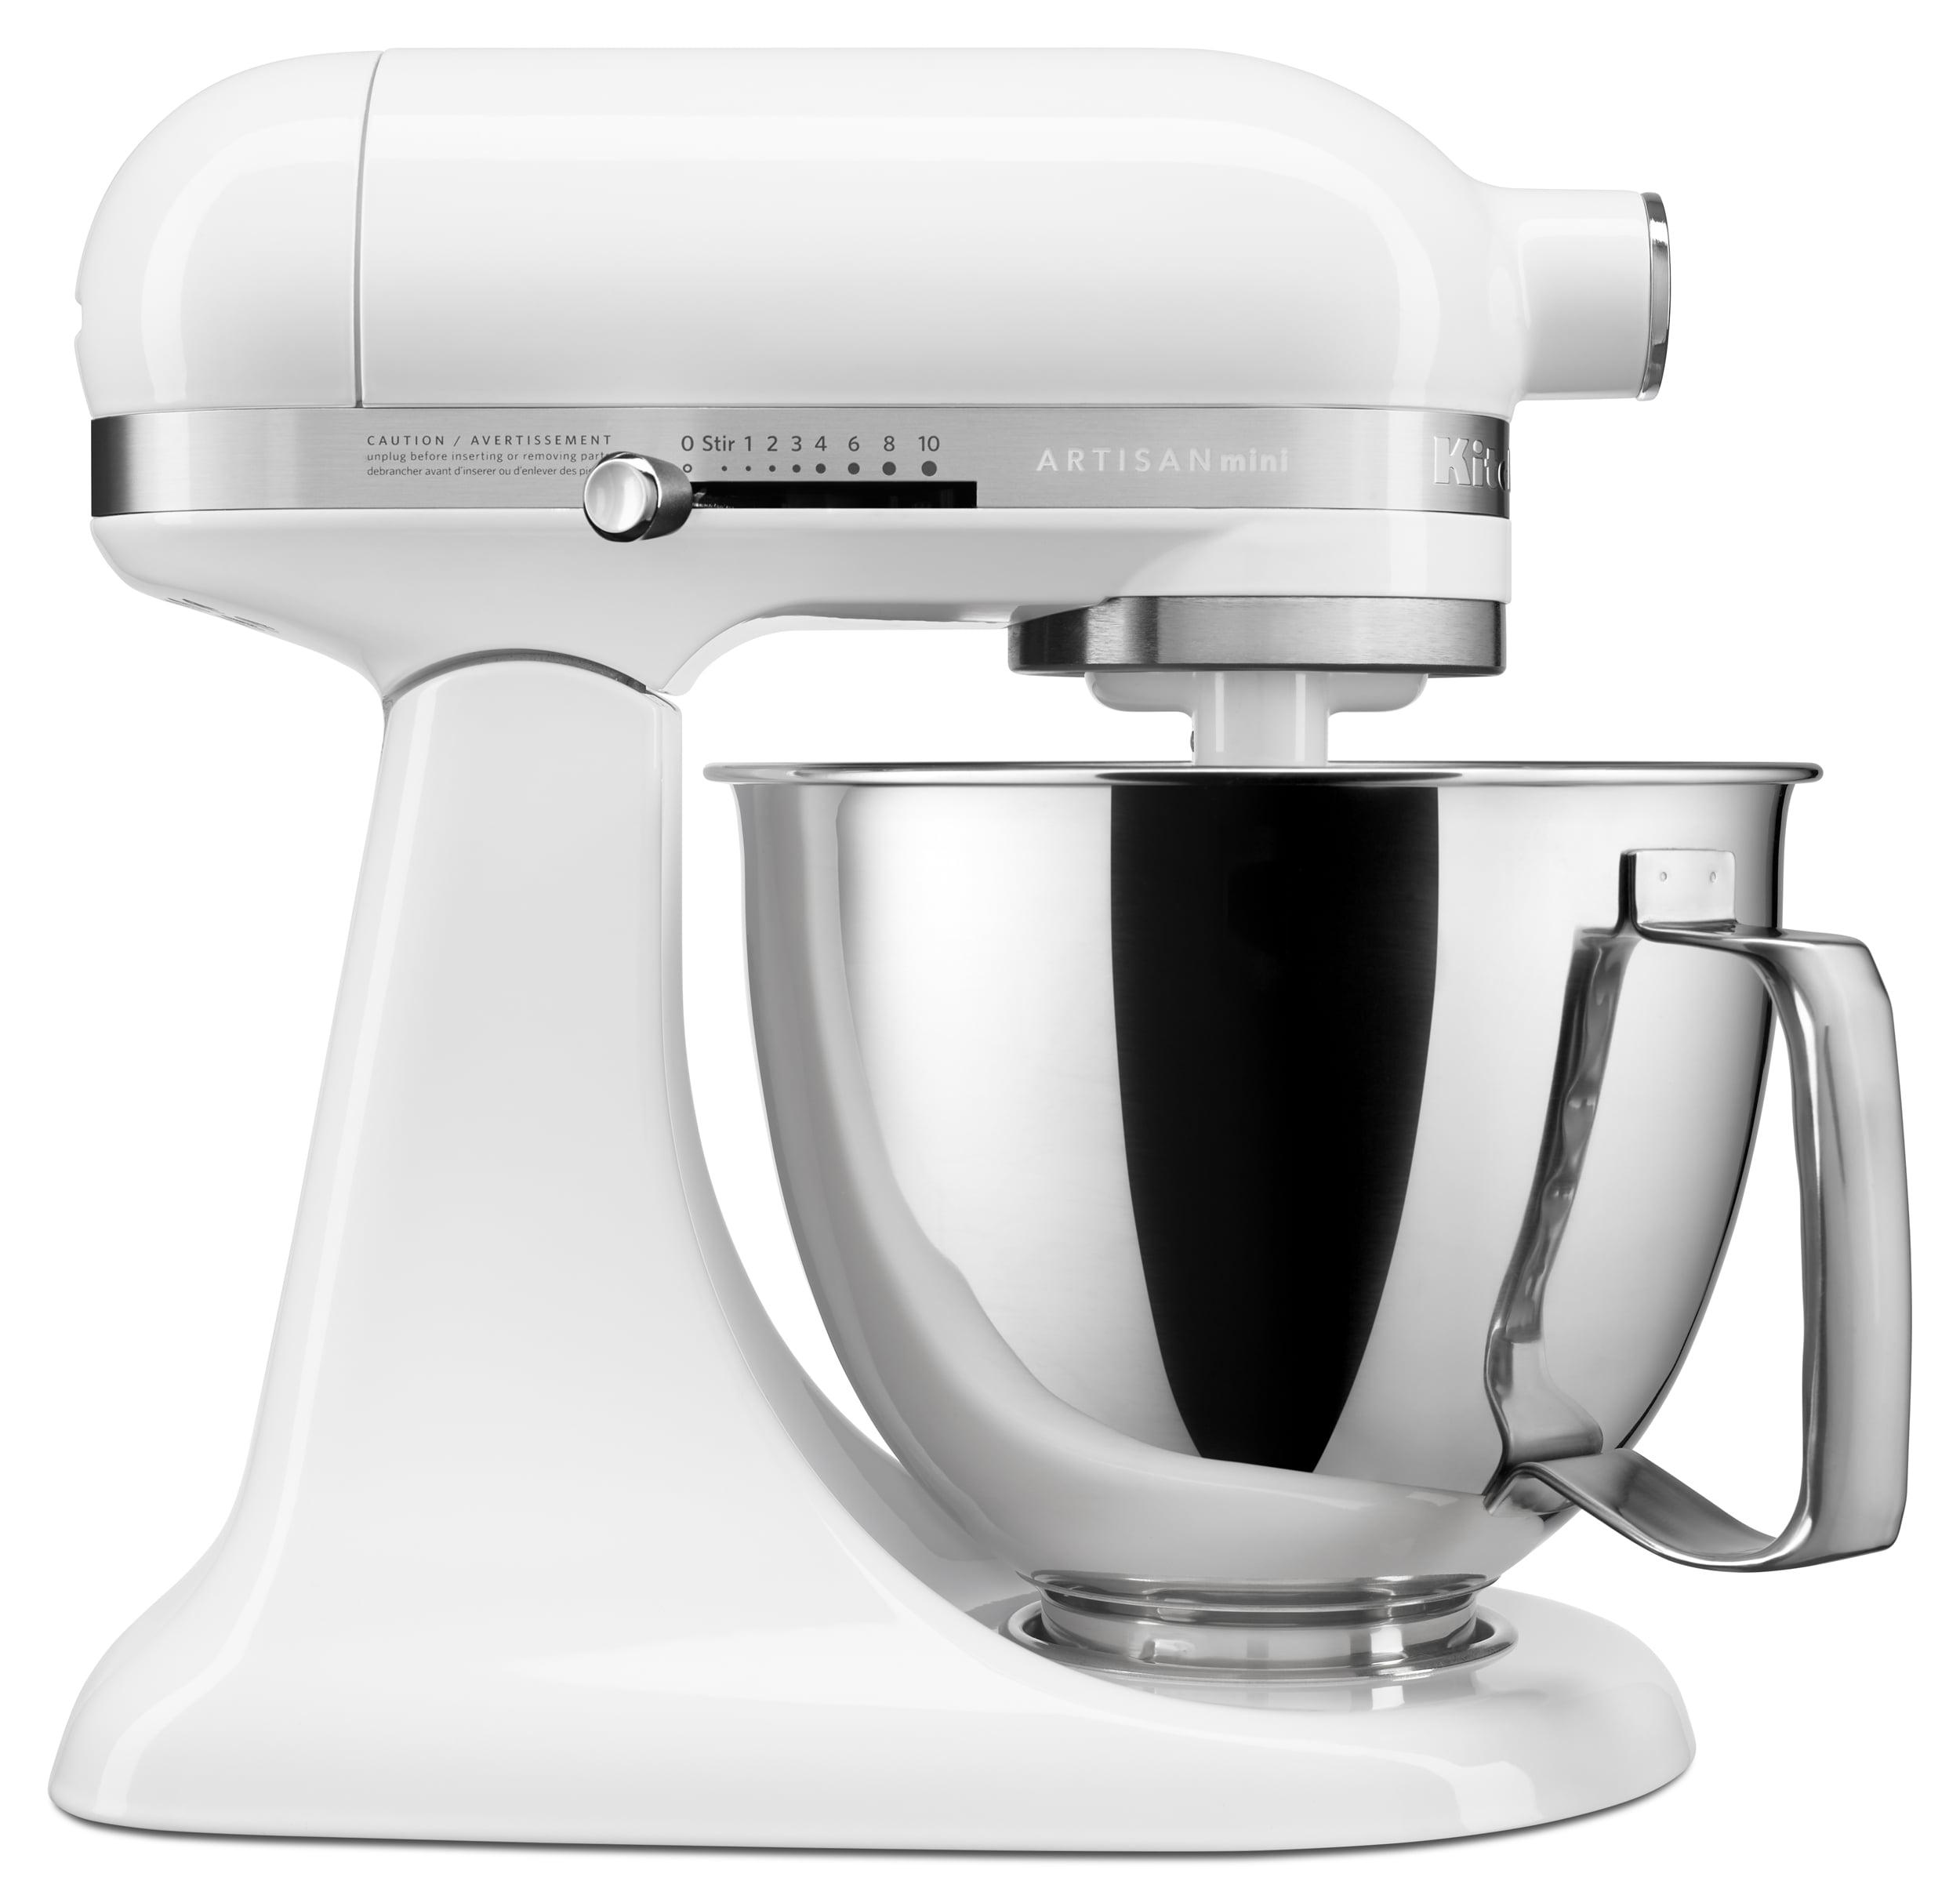 KitchenAid Artisan Mini 3.5 Quart Tilt-Head Stand Mixer, White (KSM3316XWH)